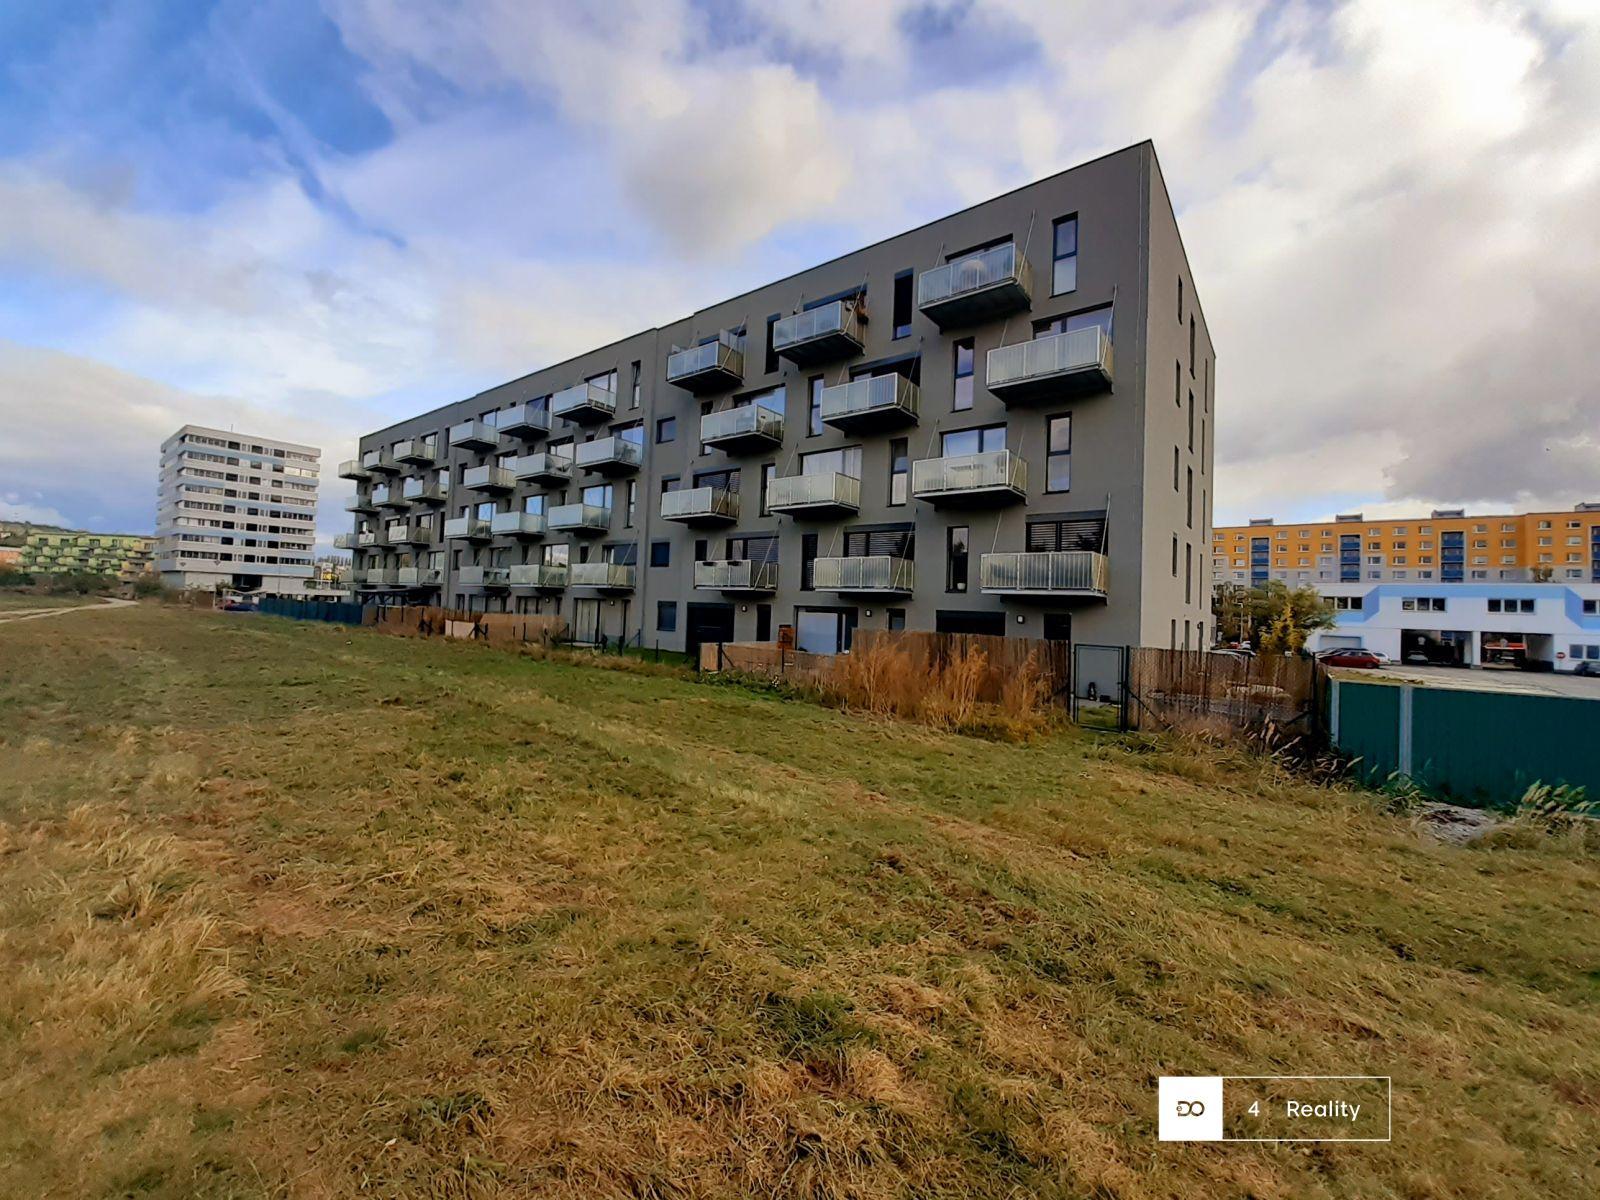 Prodej atraktivní bytové jednotky 3+kk/B + parkovací stání, 65 m2, 5 490 000,- Kč, Mladá Boleslav